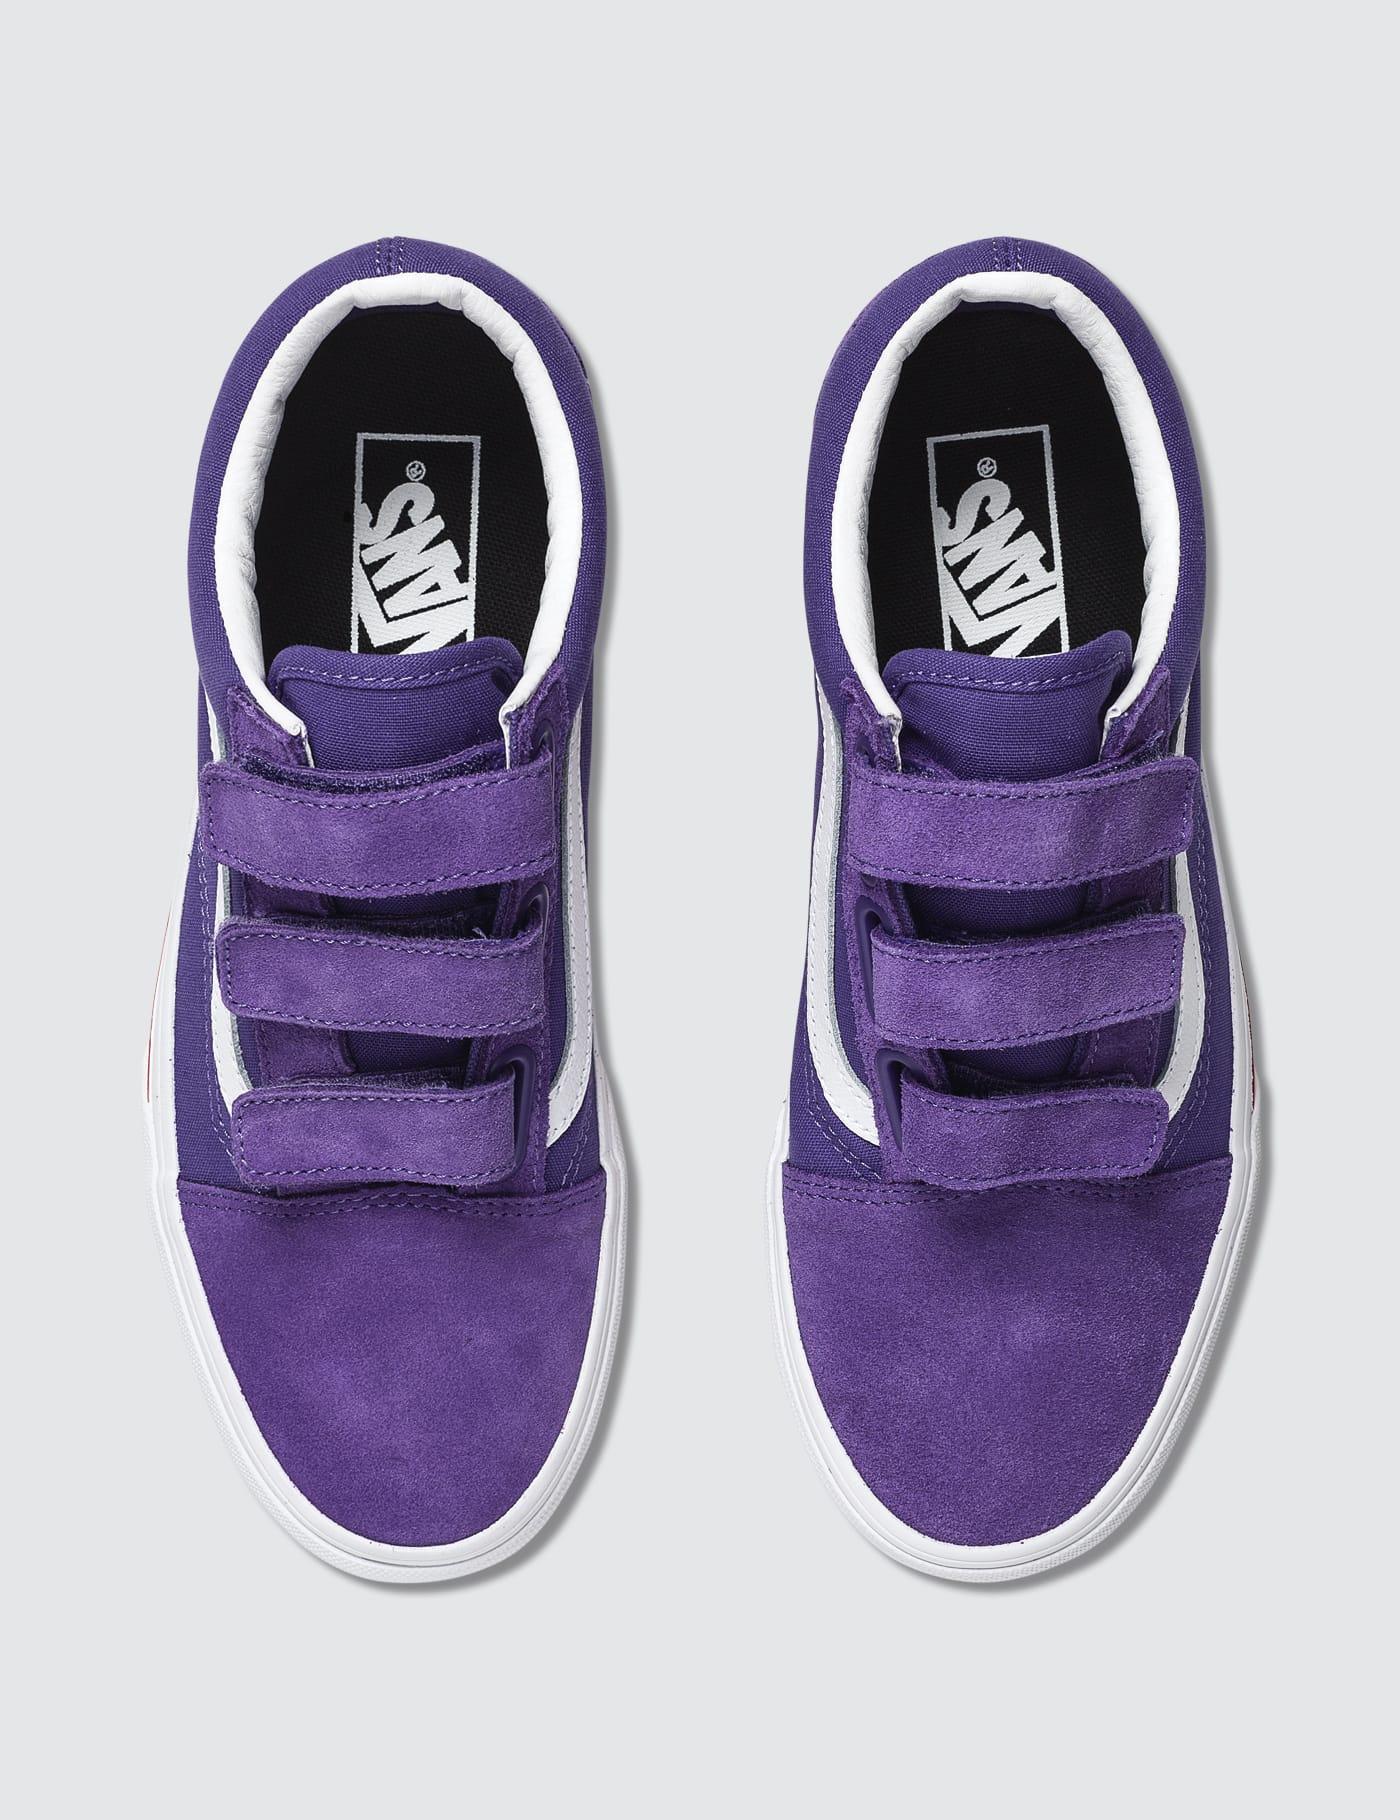 Vans - Old Skool V Platform | HBX